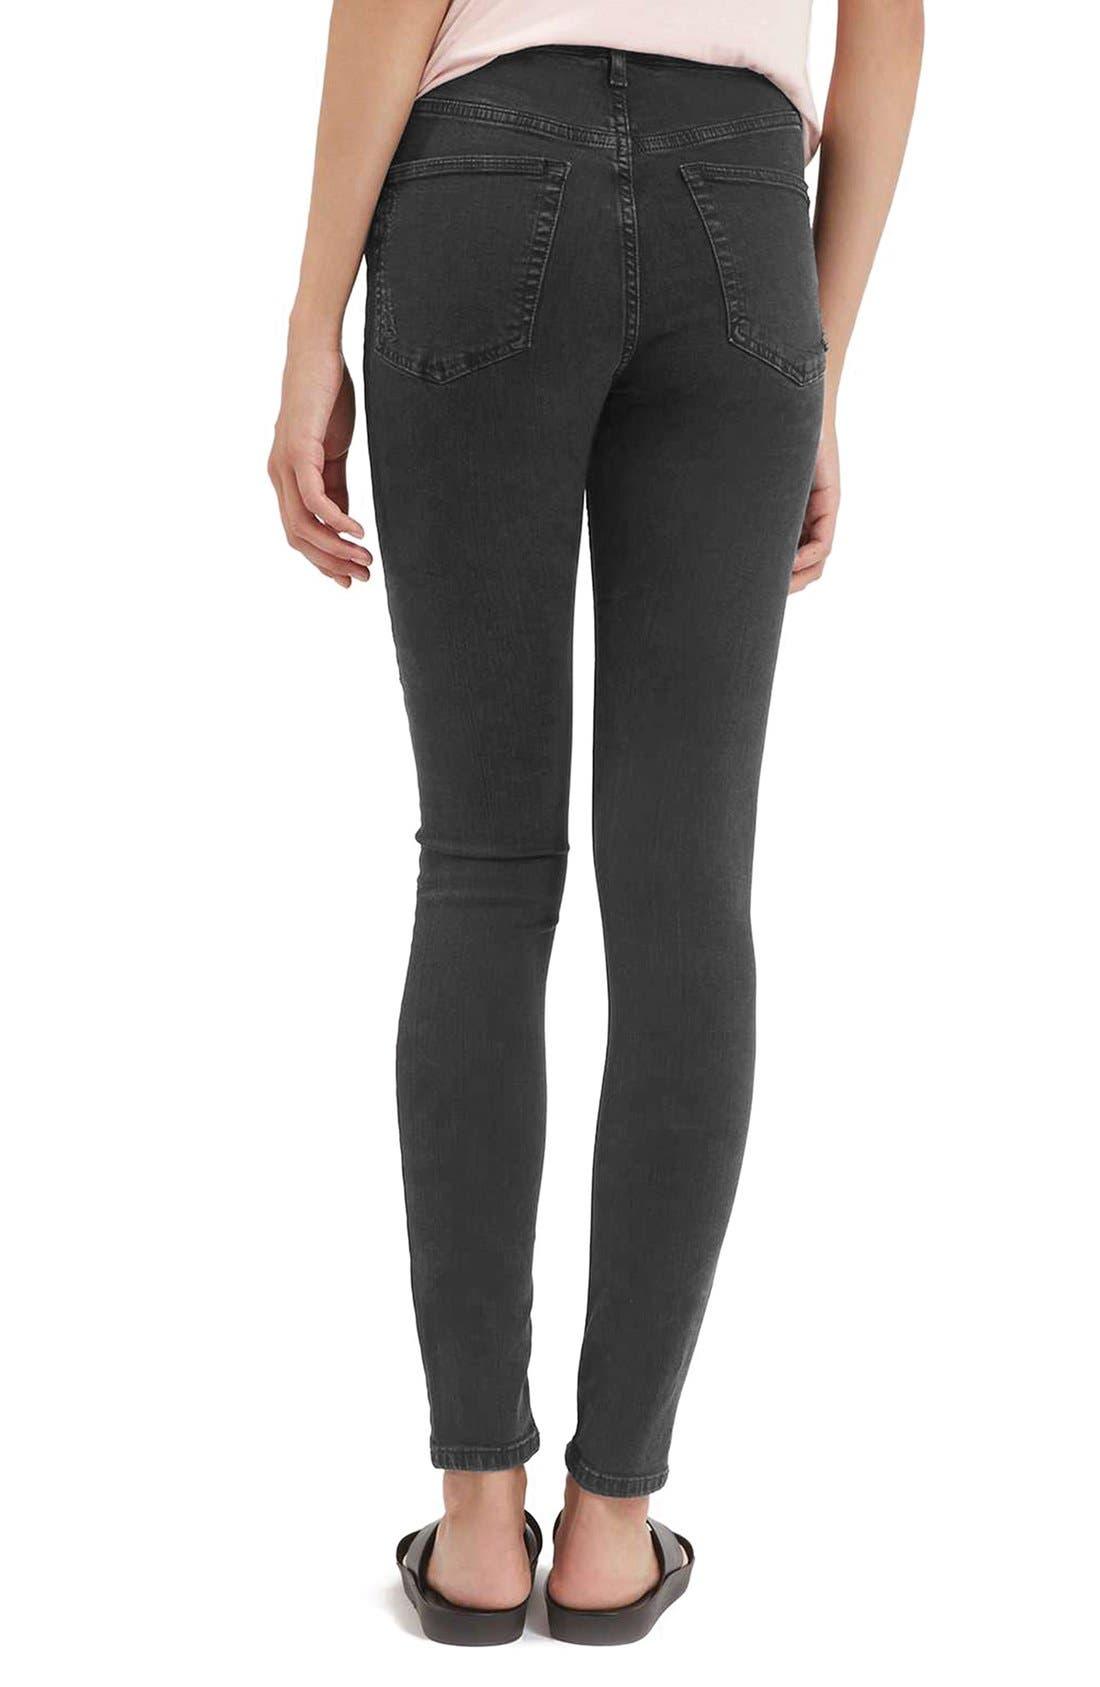 Jamie Shredded High Waist Skinny Jeans,                             Alternate thumbnail 2, color,                             001